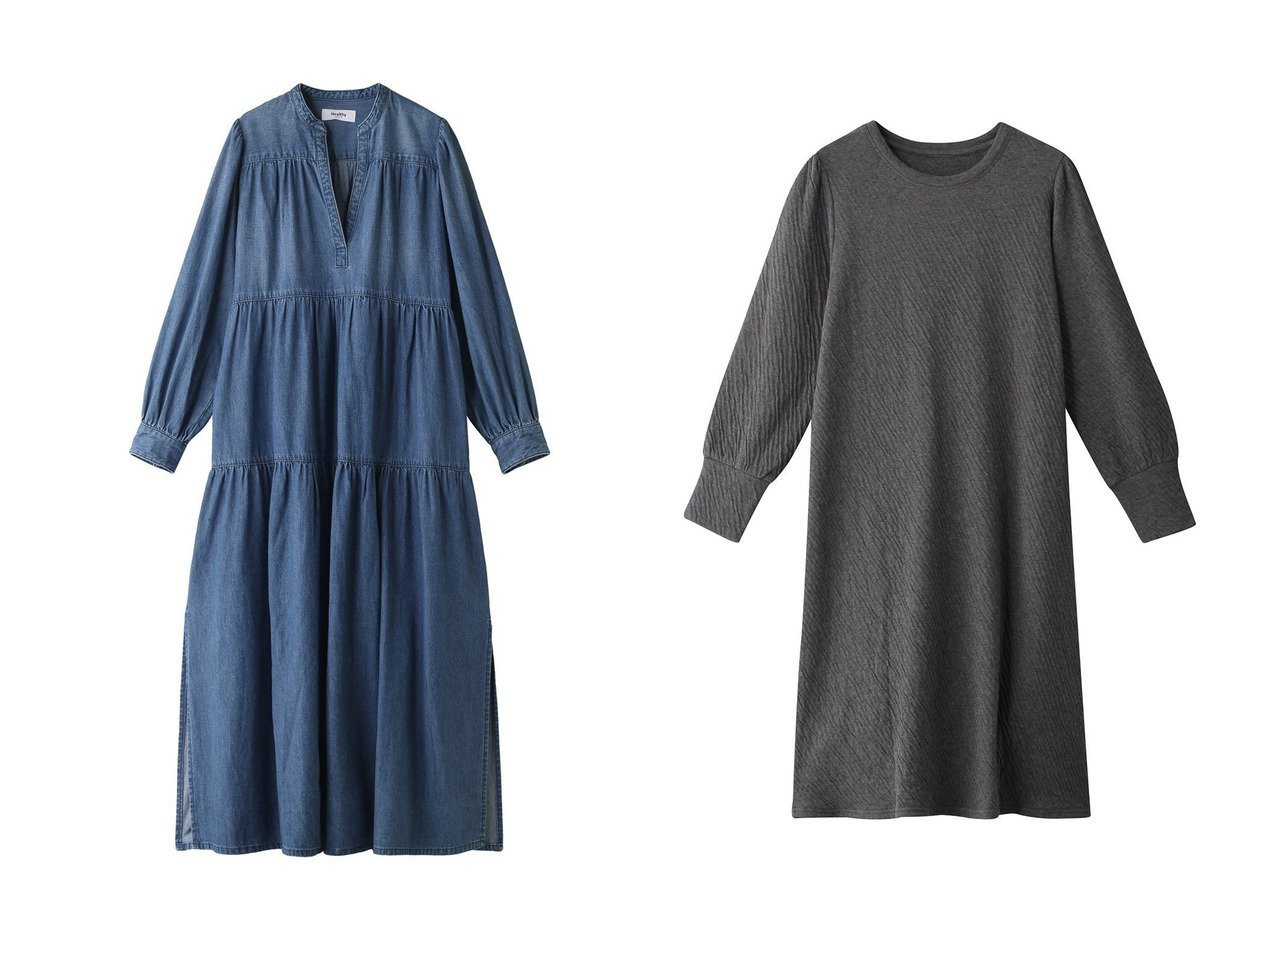 【Healthy Denim/ヘルシーデニム】のLychee カフタンワンピース&【nanadecor/ナナデコール】のリラックスコットンパフスリーブ OP ワンピース・ドレスのおすすめ!人気、レディースファッションの通販  おすすめで人気のファッション通販商品 インテリア・家具・キッズファッション・メンズファッション・レディースファッション・服の通販 founy(ファニー) https://founy.com/ ファッション Fashion レディース WOMEN ワンピース Dress トレンド リラックス ロング シンプル  ID:crp329100000004264